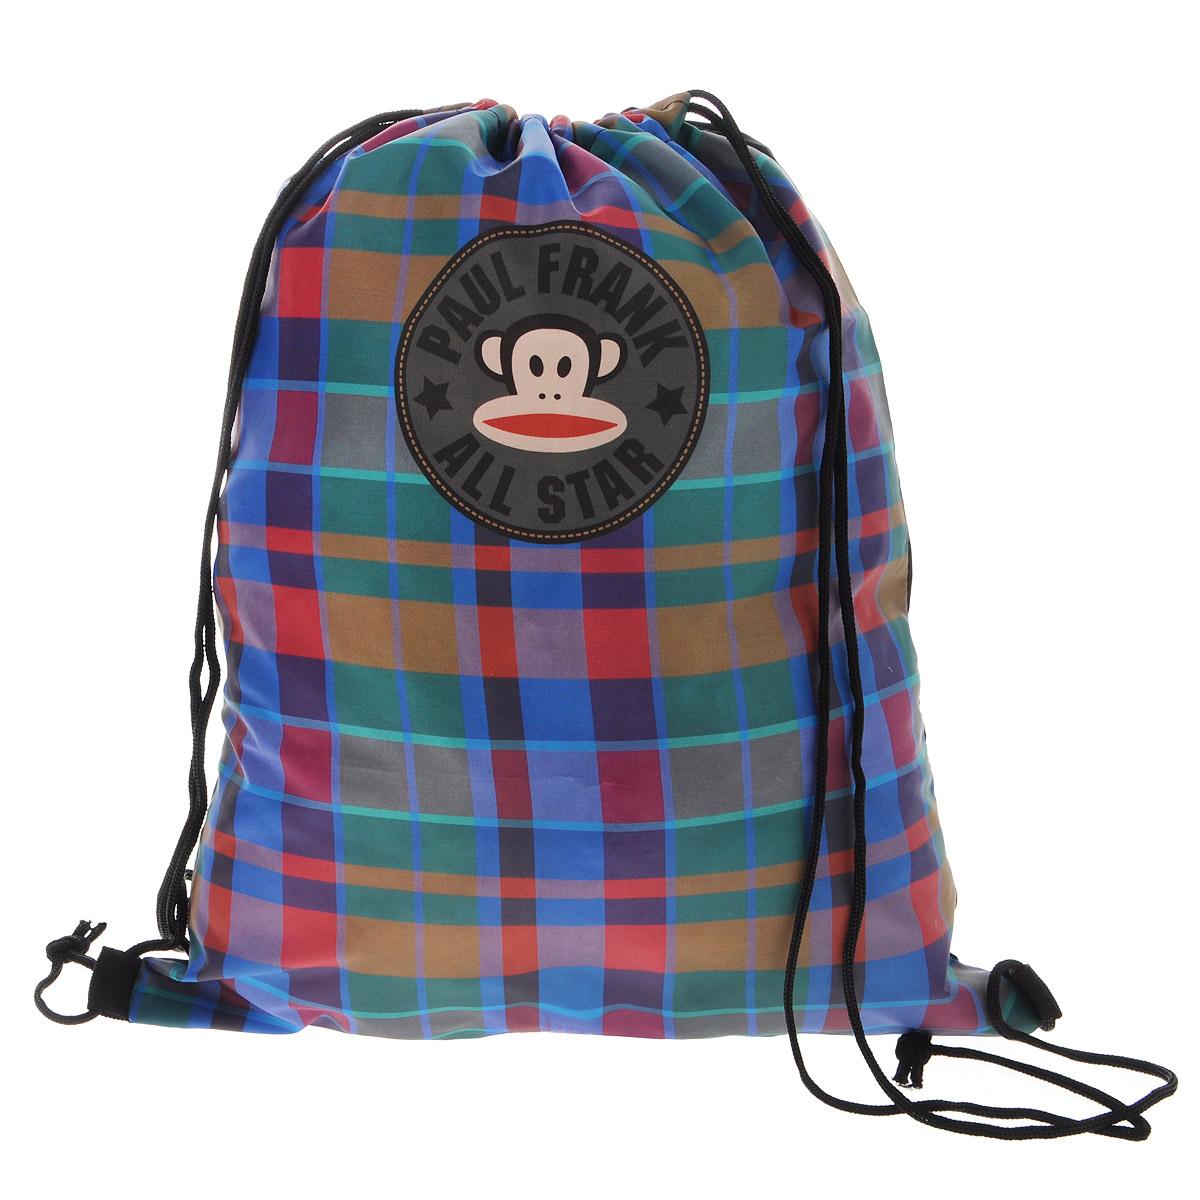 Paul Frank Сумка-рюкзак для обуви цвет коричнево-красный PFCB-UT1-883 сумка paul frank